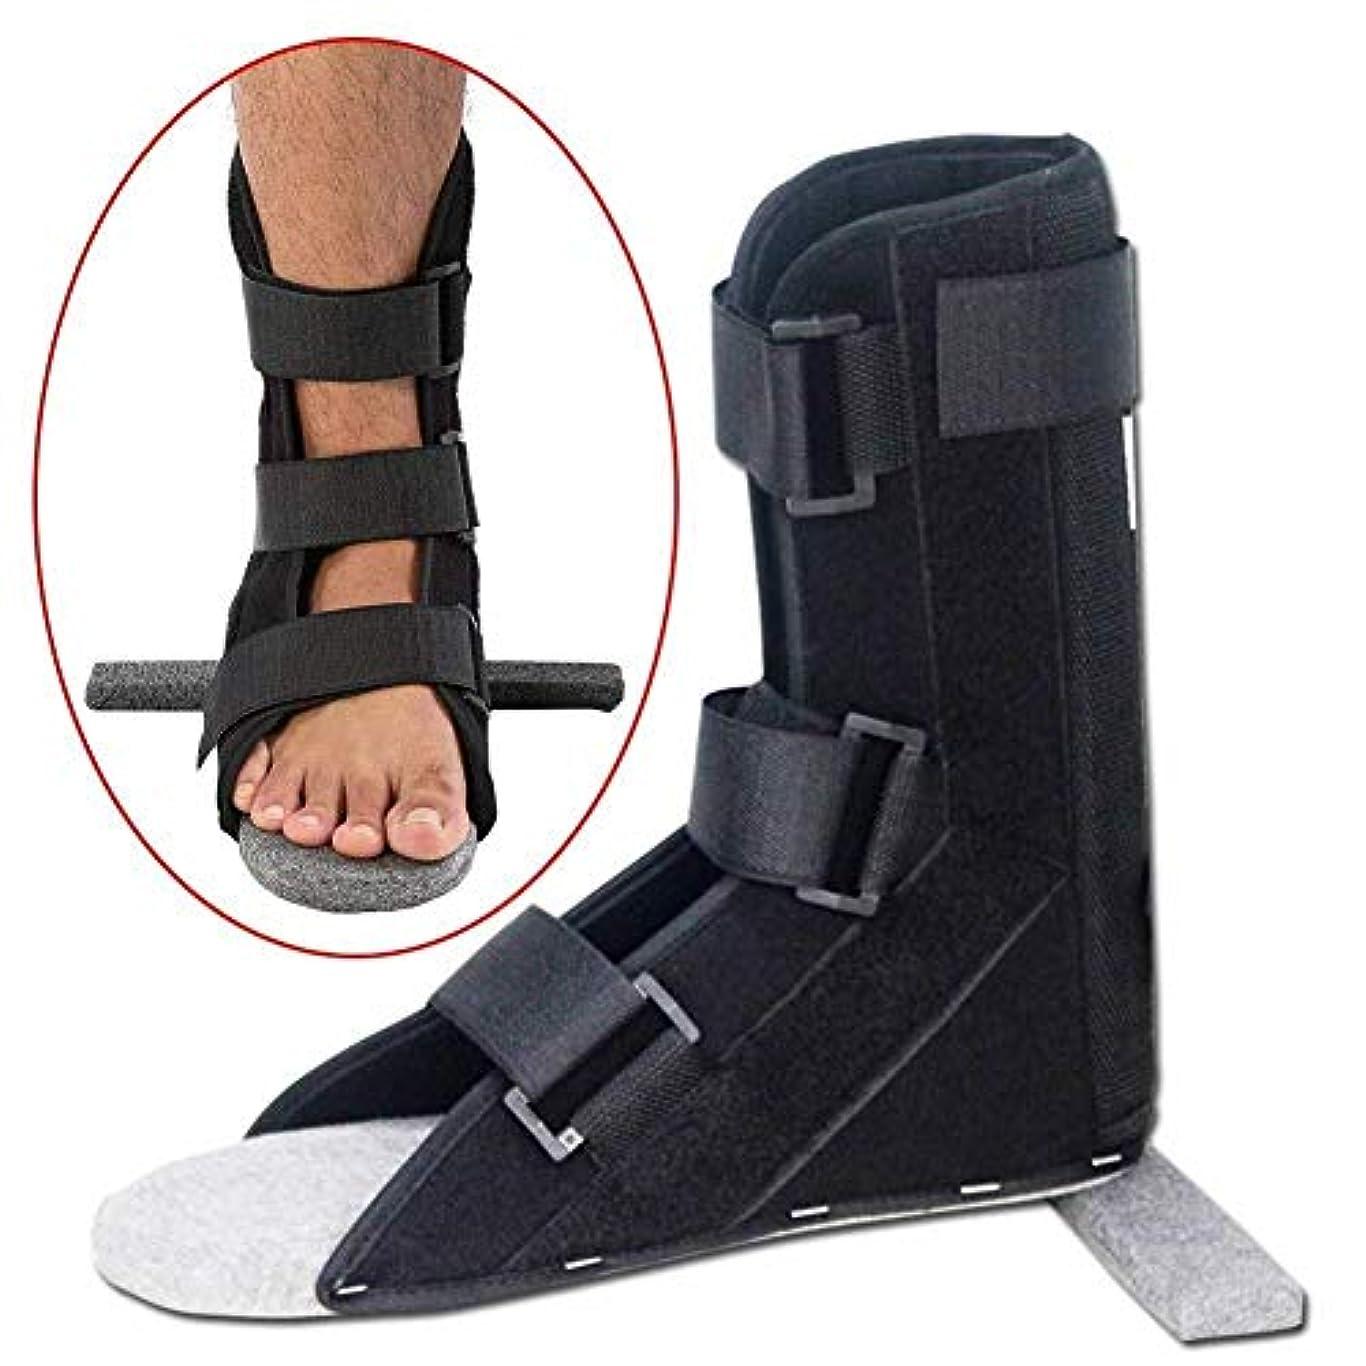 対処するチチカカ湖よりフットドロップサポートシューズ、正しい足外反、痛みと回復の捻Sp足首装具、脳卒中リハビリテーション装具、男女兼用 (色 : L)